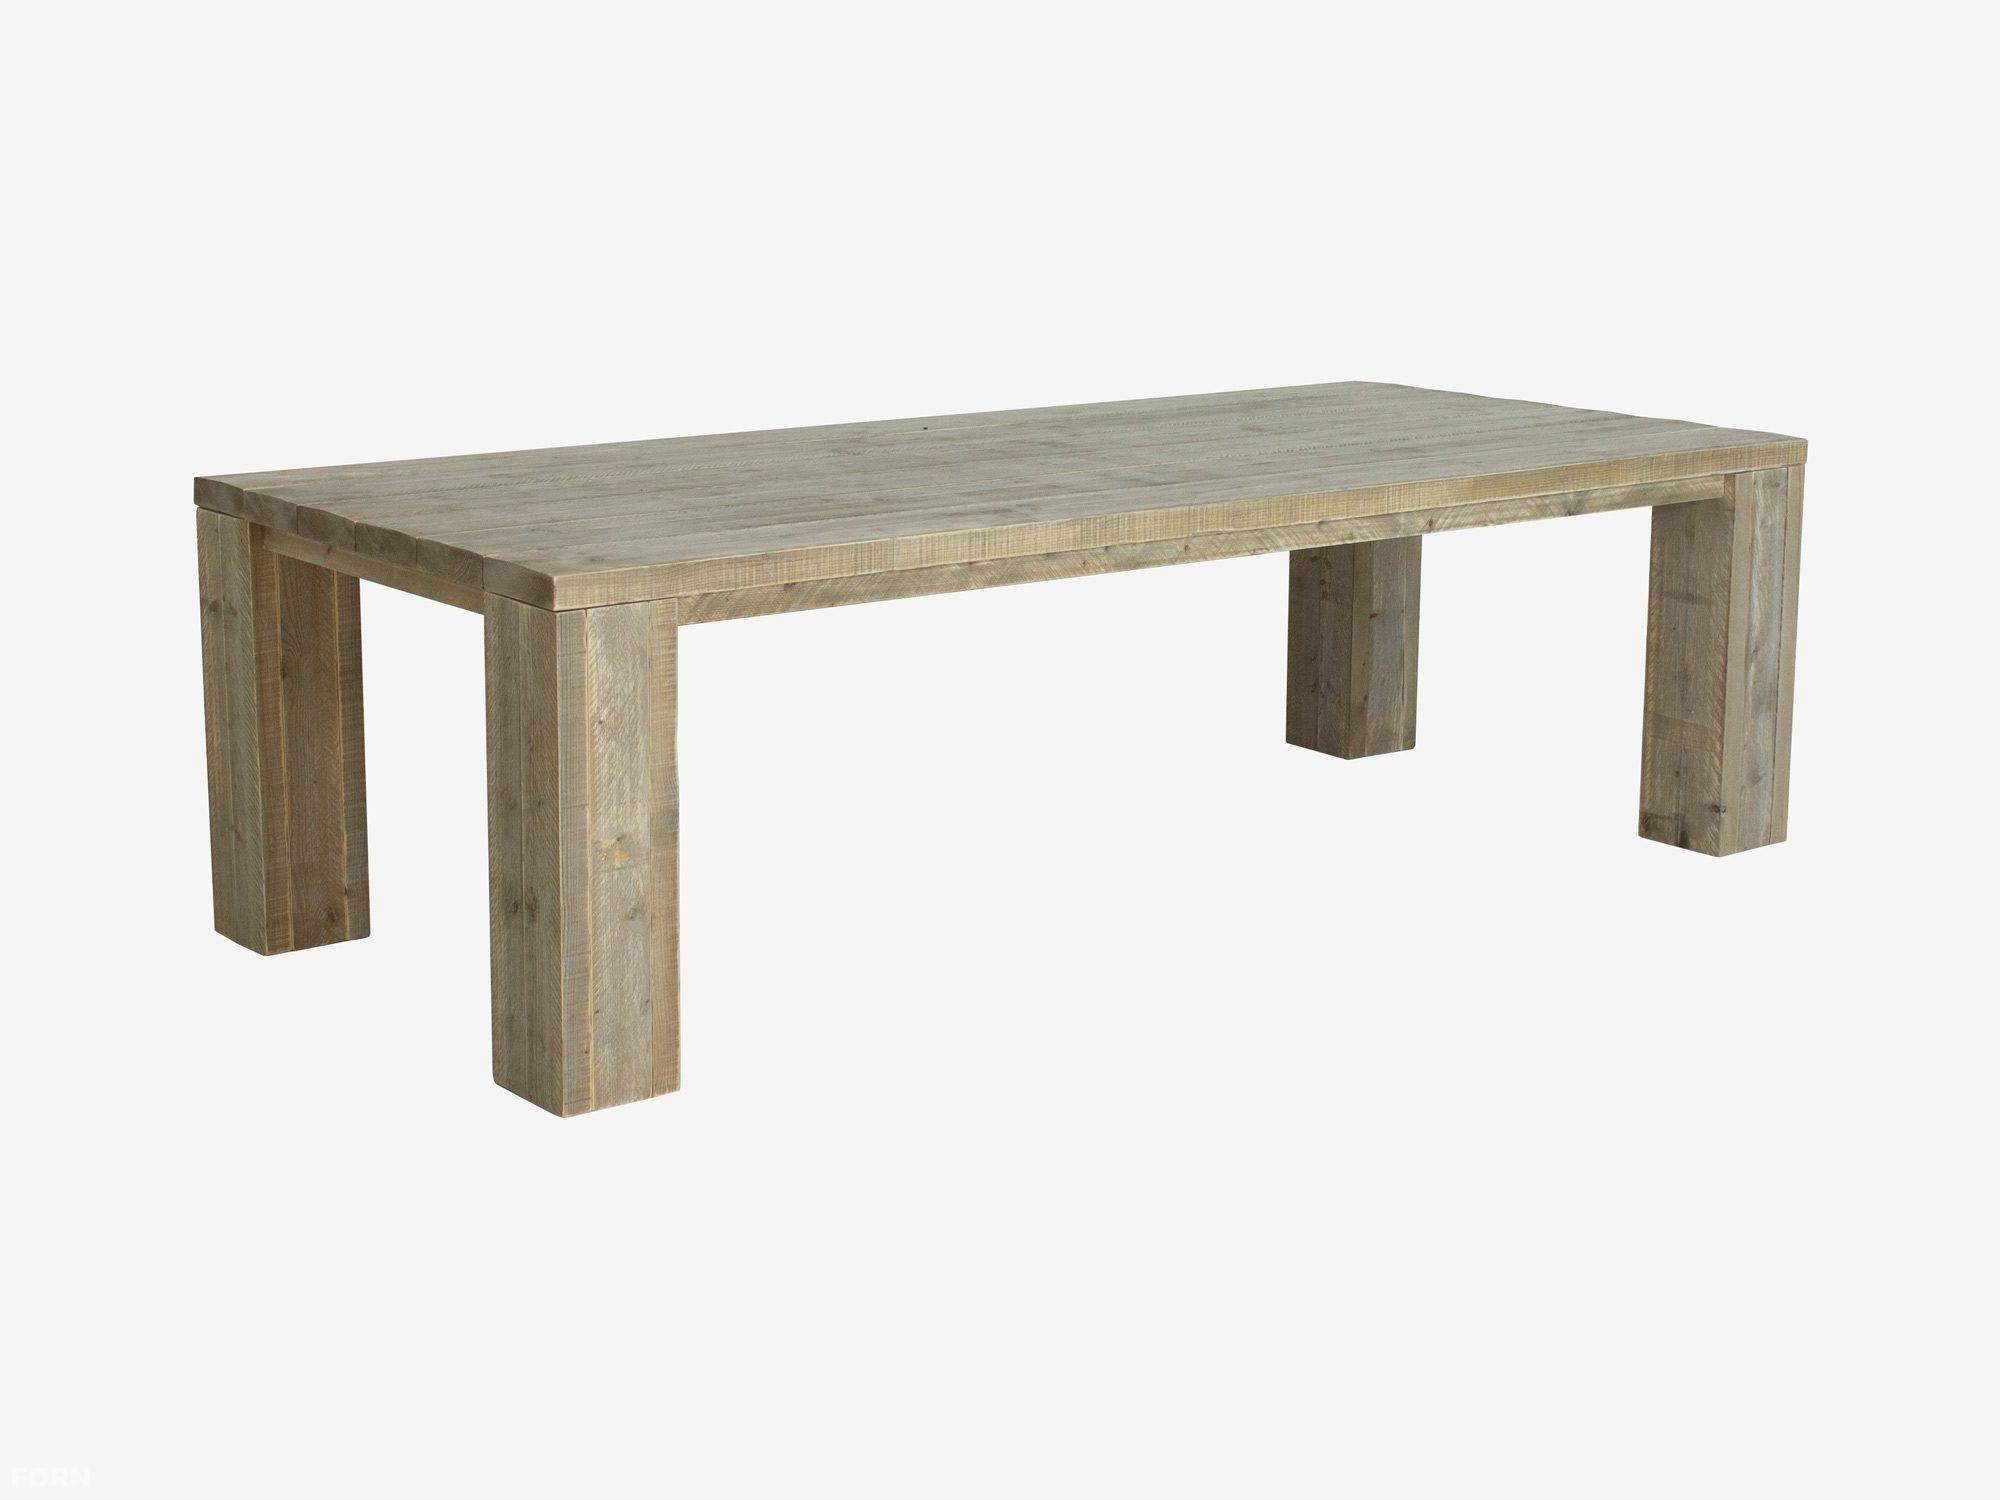 """Bauholz Tisch """"Kilian"""" - Bauholz Möbel, hergestellt aus altem Bauholz"""